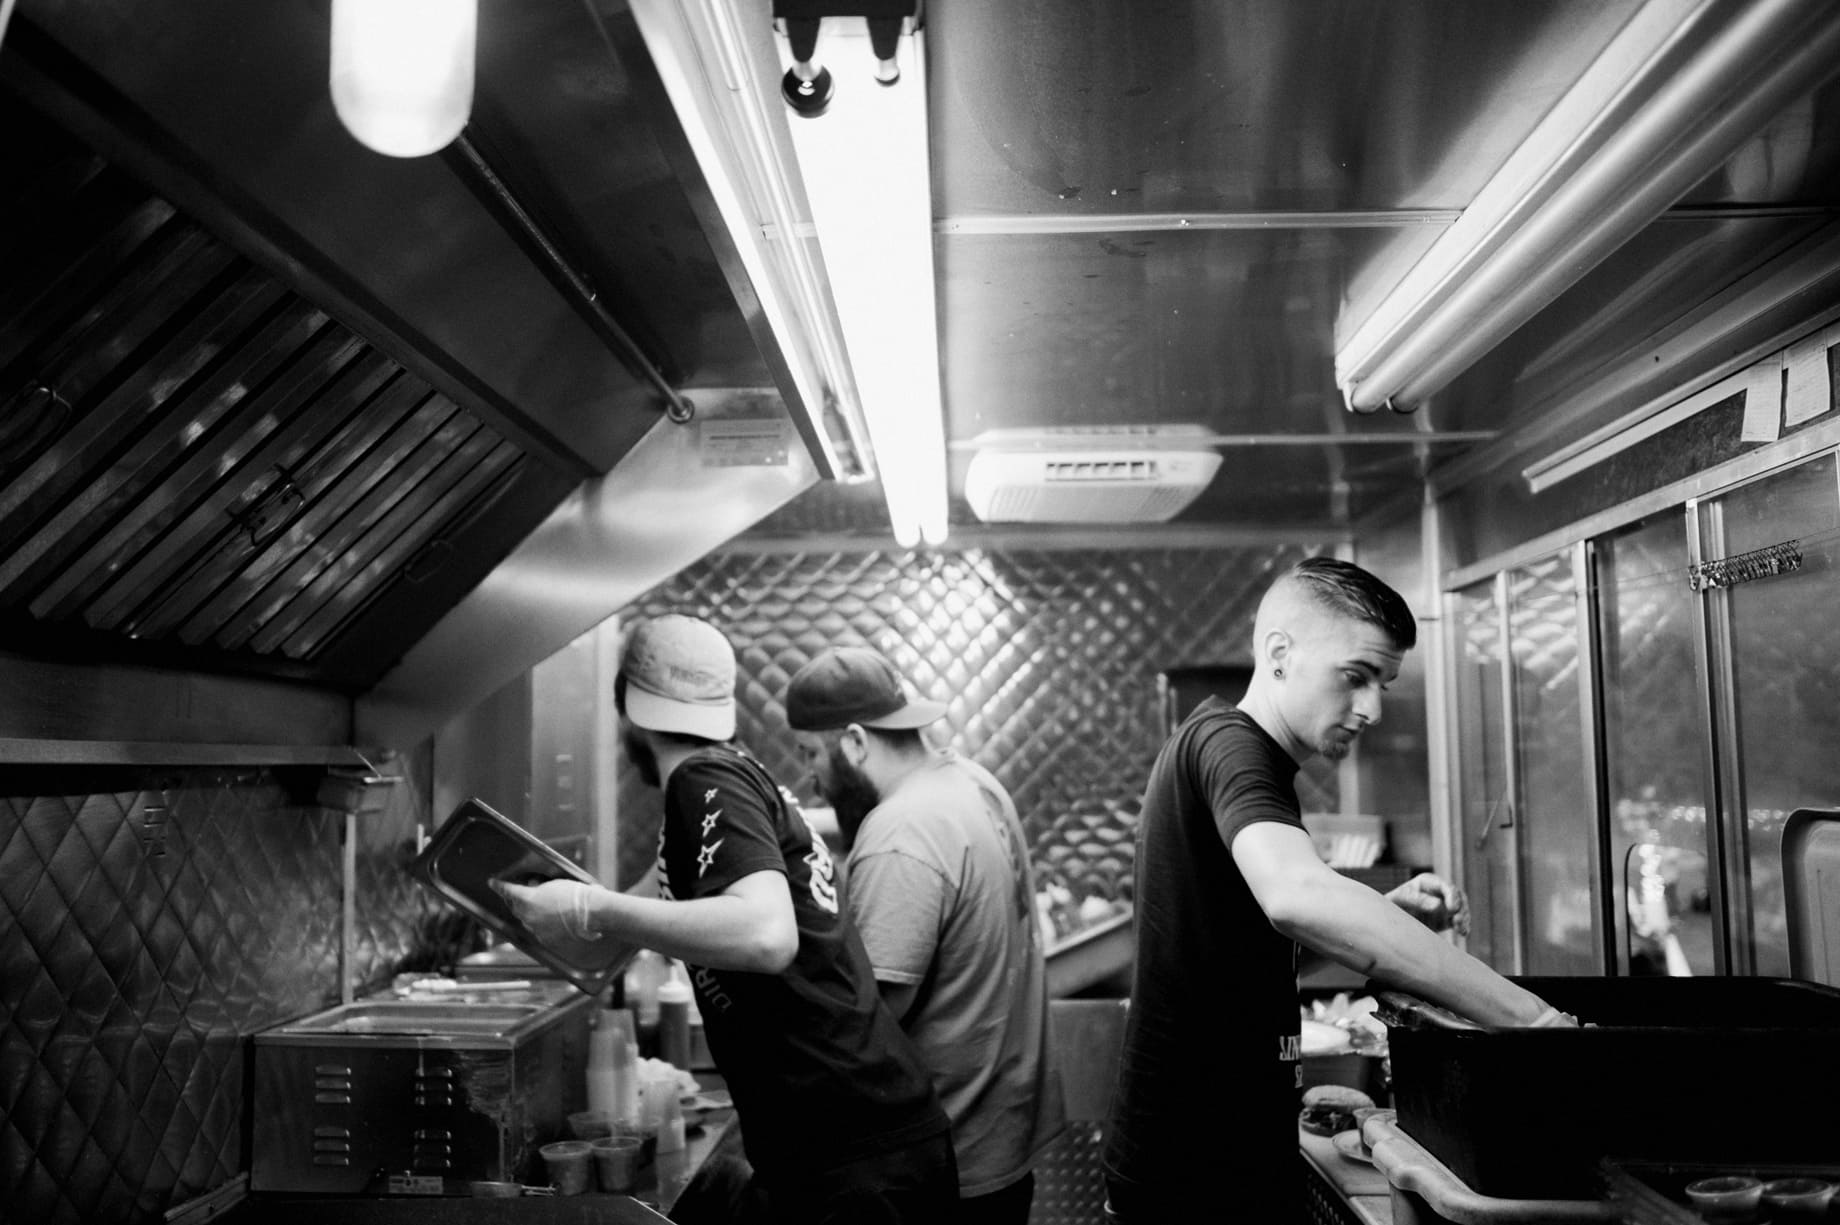 luncha libre food truck